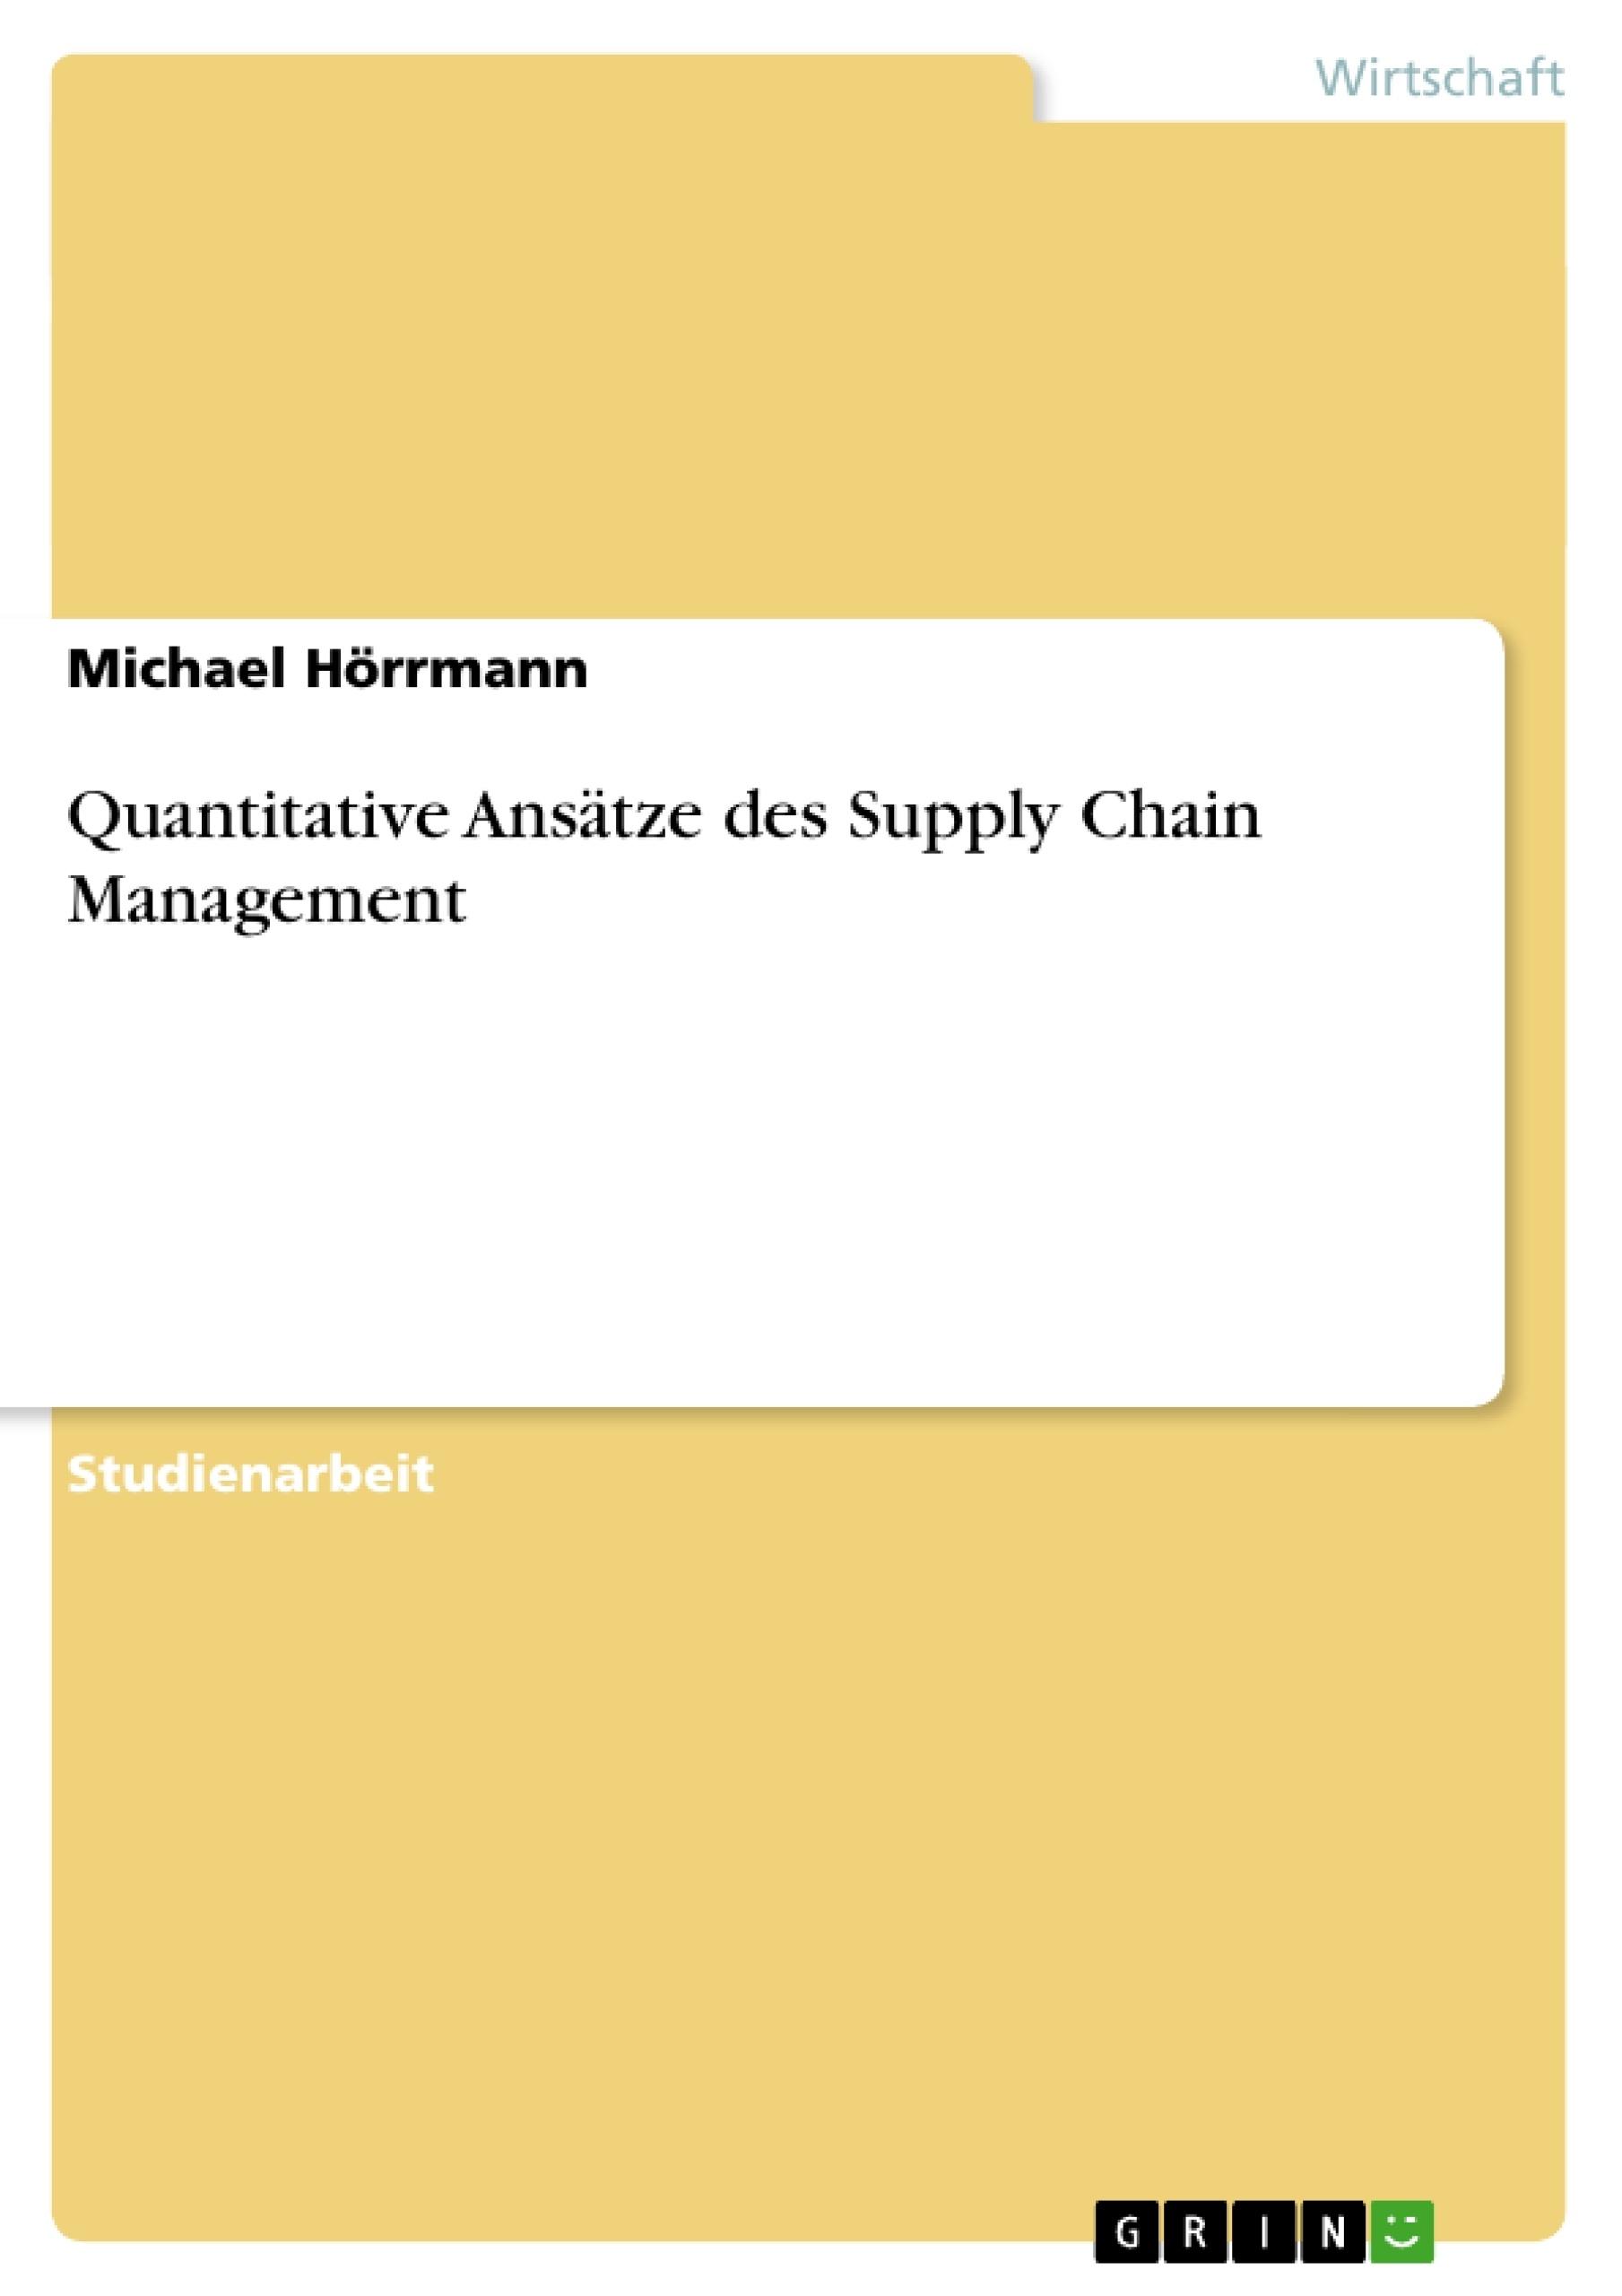 Titel: Quantitative Ansätze des Supply Chain Management